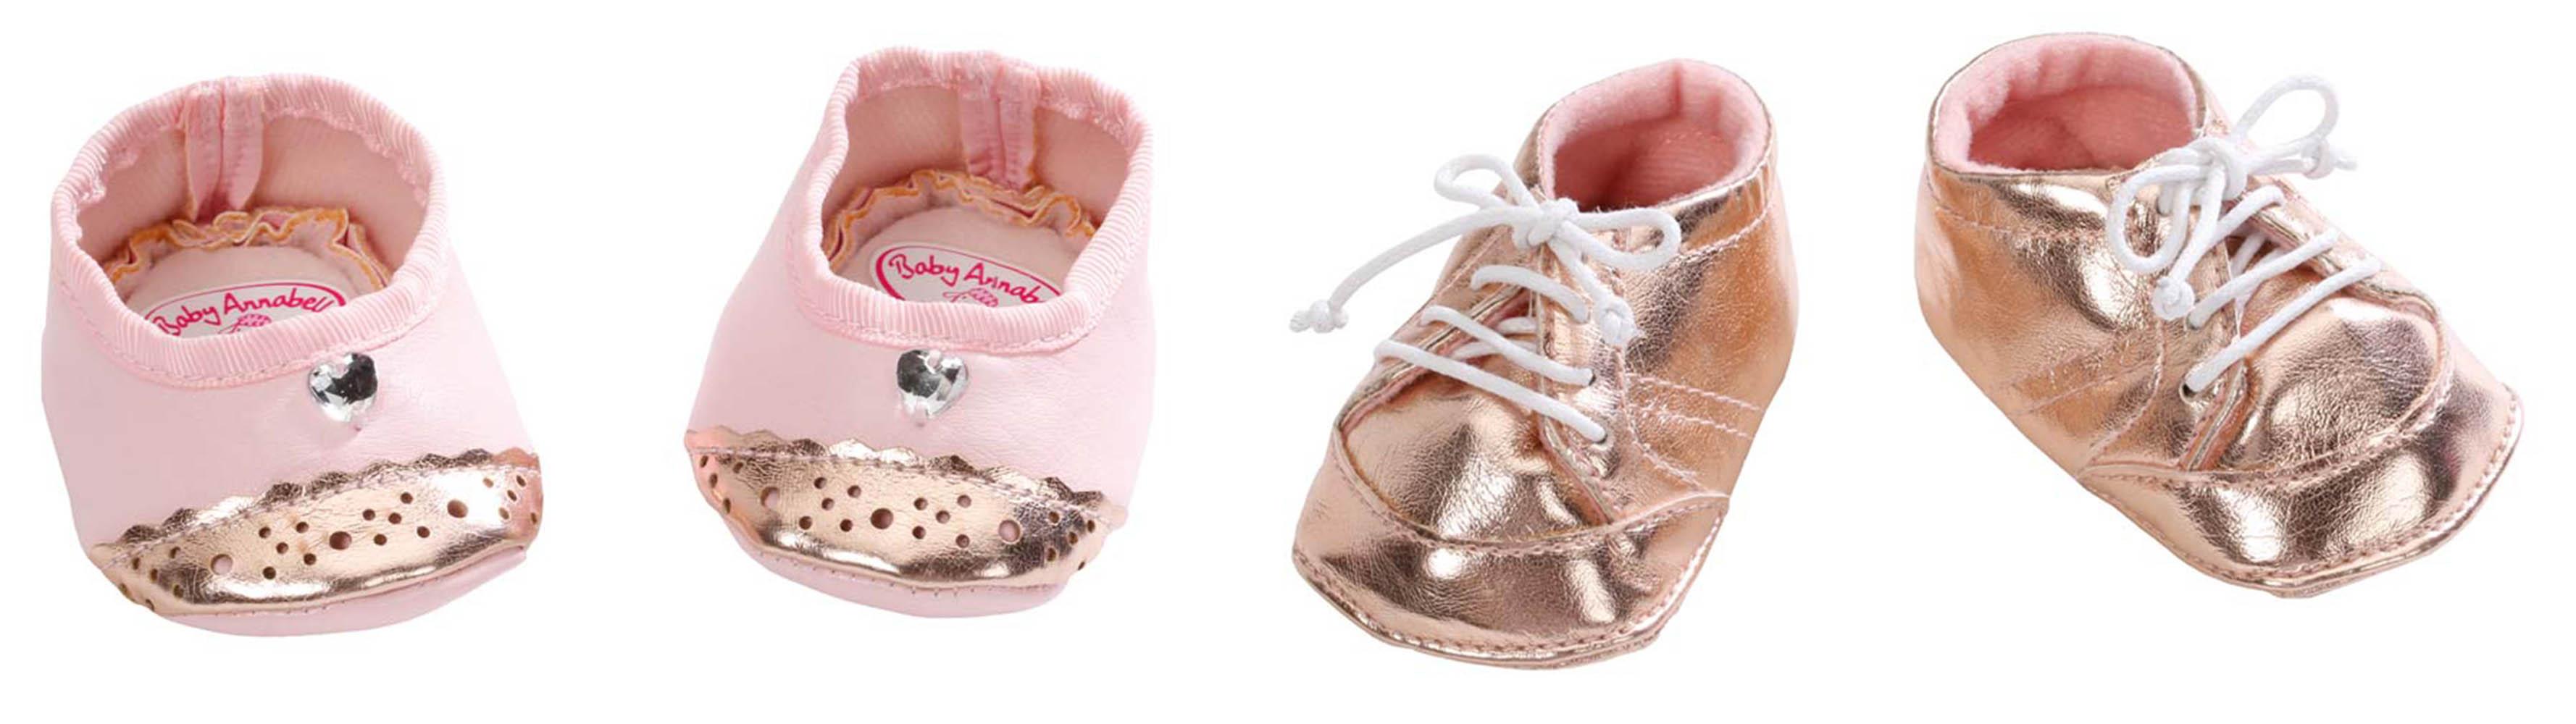 BABY Annabell Topánočky, 2 druhy